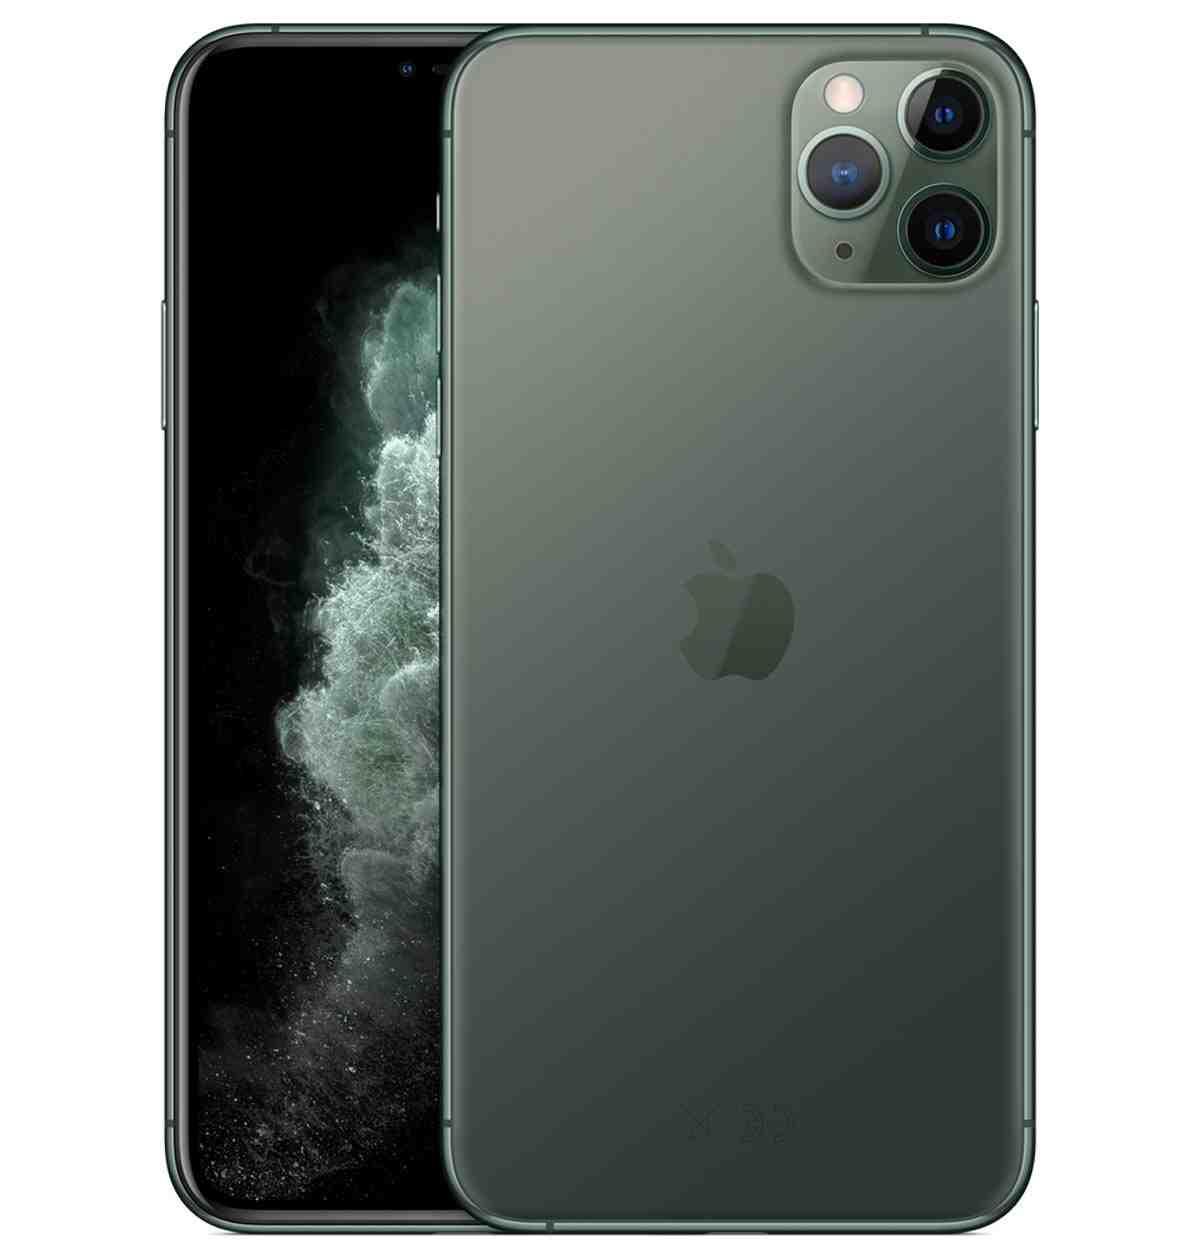 Comment faire Mise à jour iPhone 11 Pro Max ?